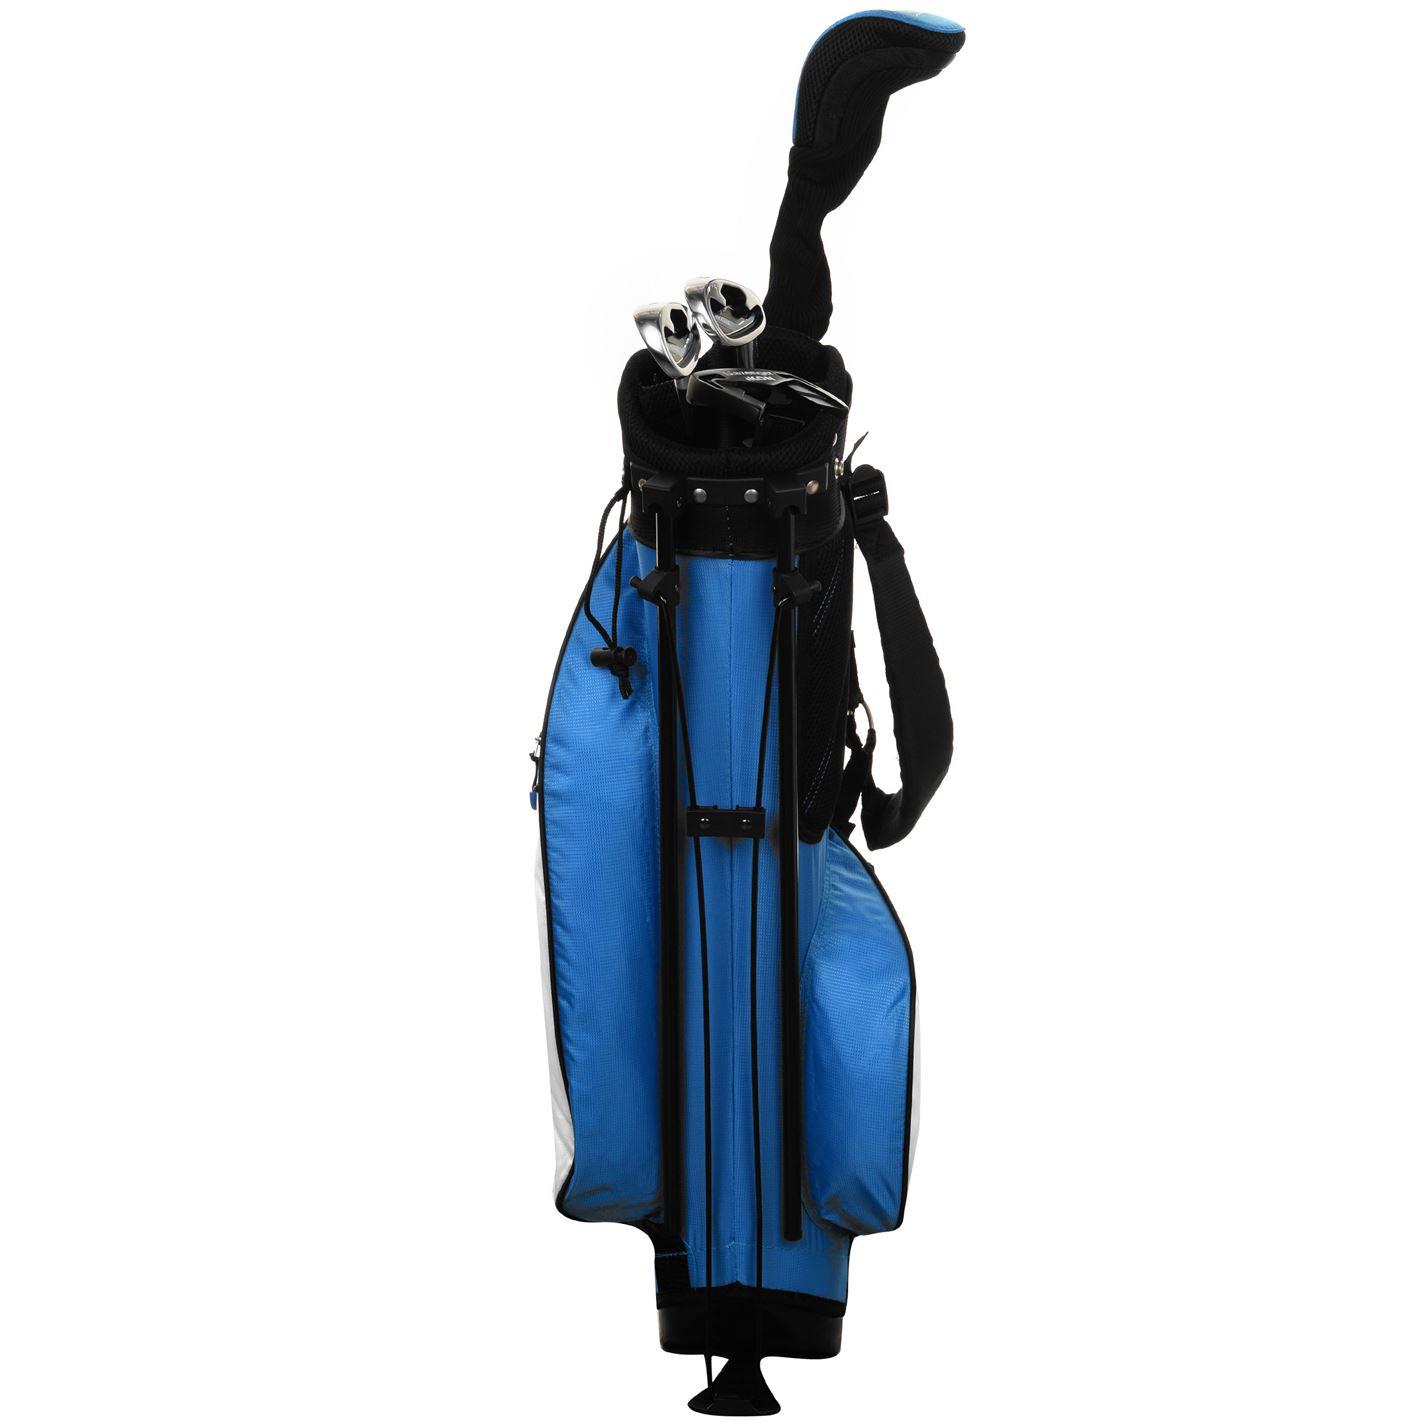 Slazenger-Kids-Ikon-Golf-Set-Junior-Graphite thumbnail 17